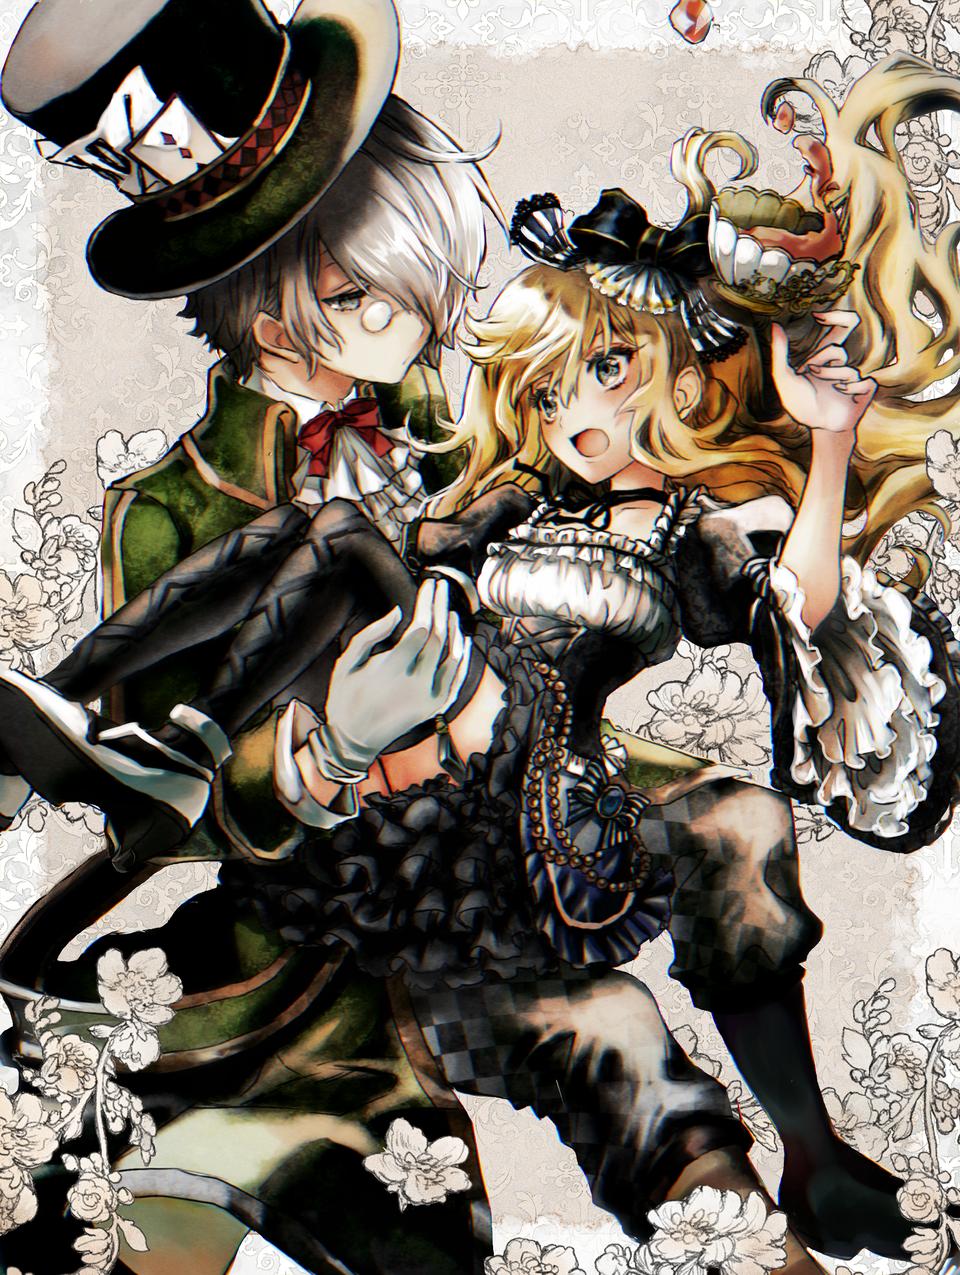 とある国のアリス ~ver2~ Illust of n スマホ描き blonde Alice ふしぎの国のアリス medibangpaint